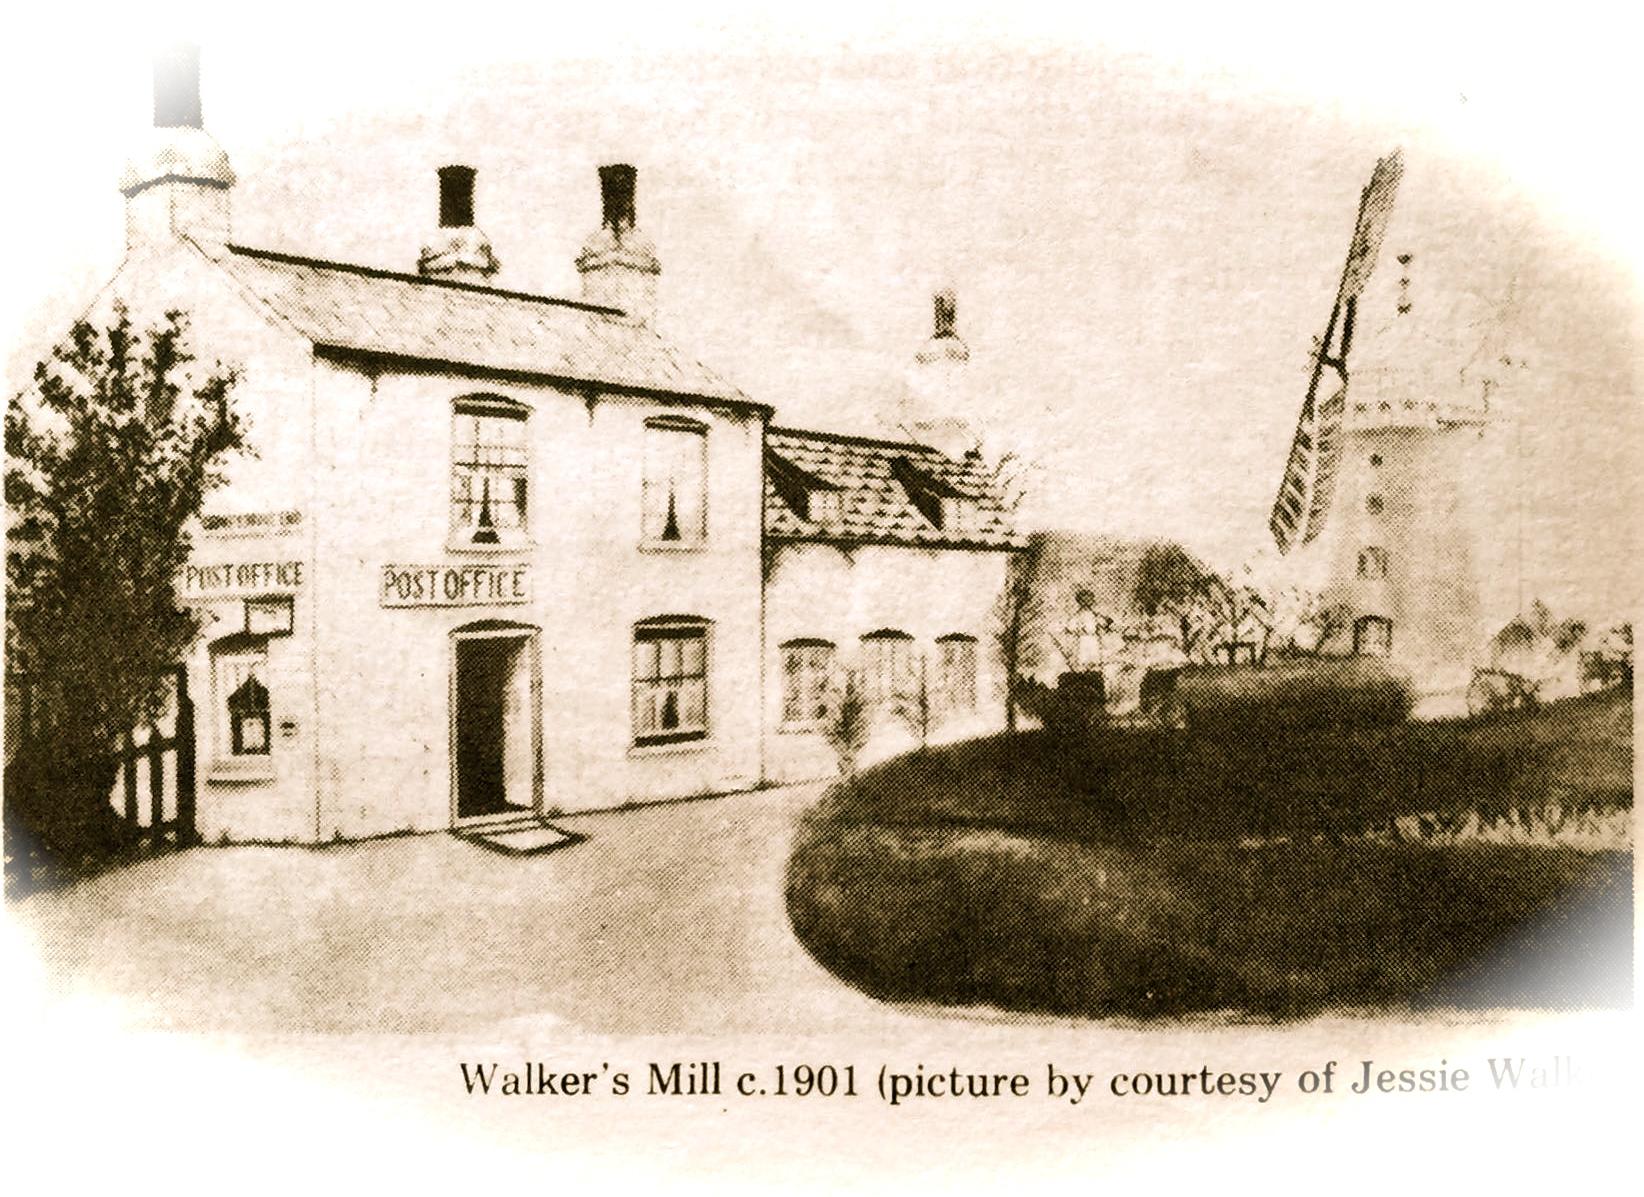 Walker's Mill c 1901